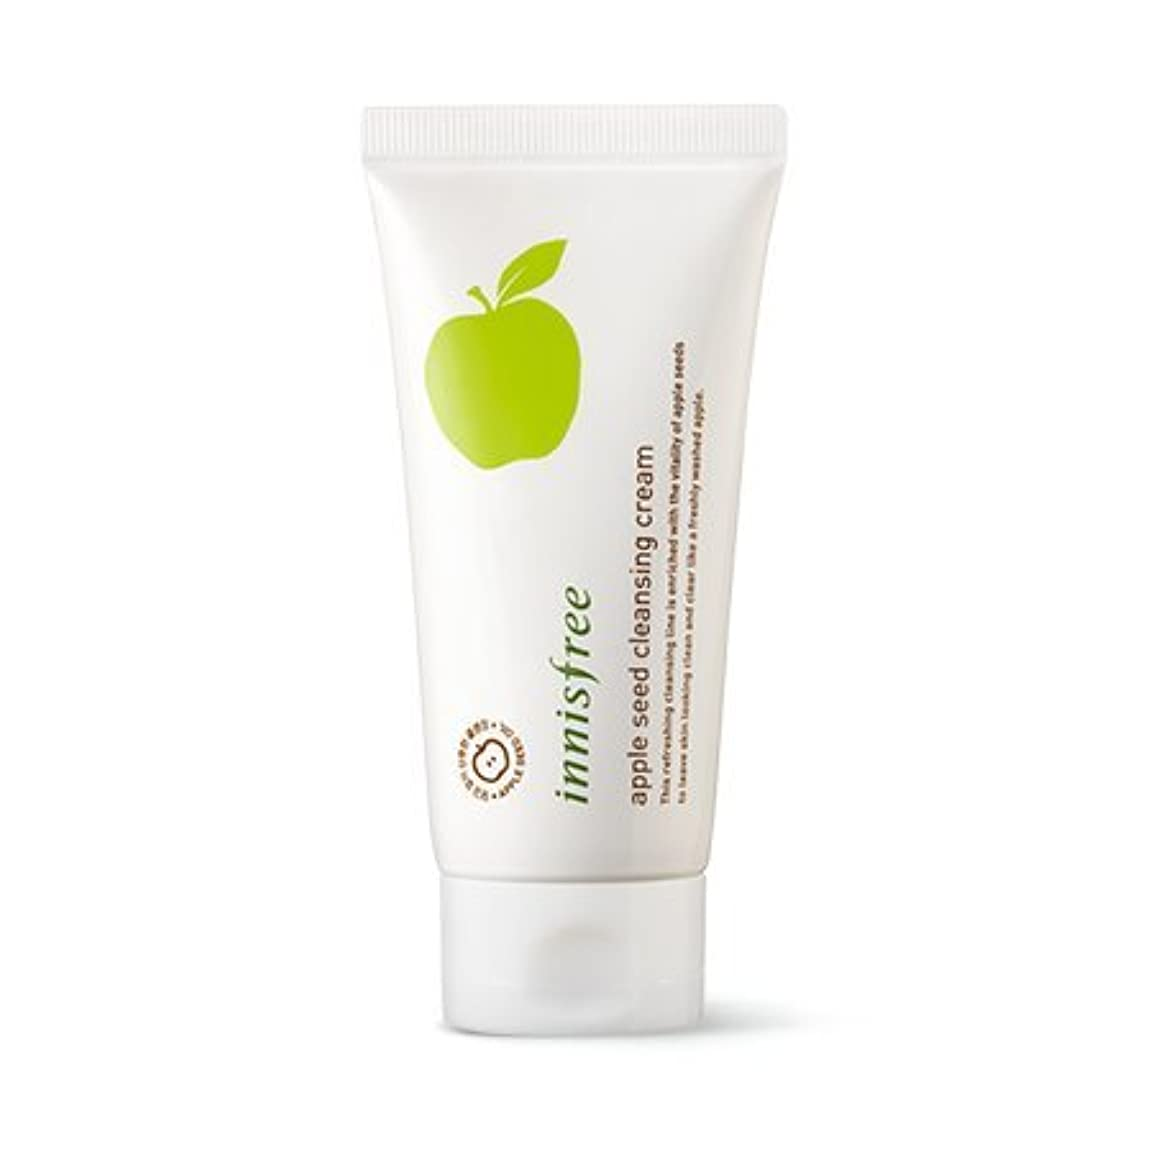 経営者お酒放散する[New] innisfree Apple Seed Cleansing Cream 150ml/イニスフリー アップル シード クレンジング クリーム 150ml